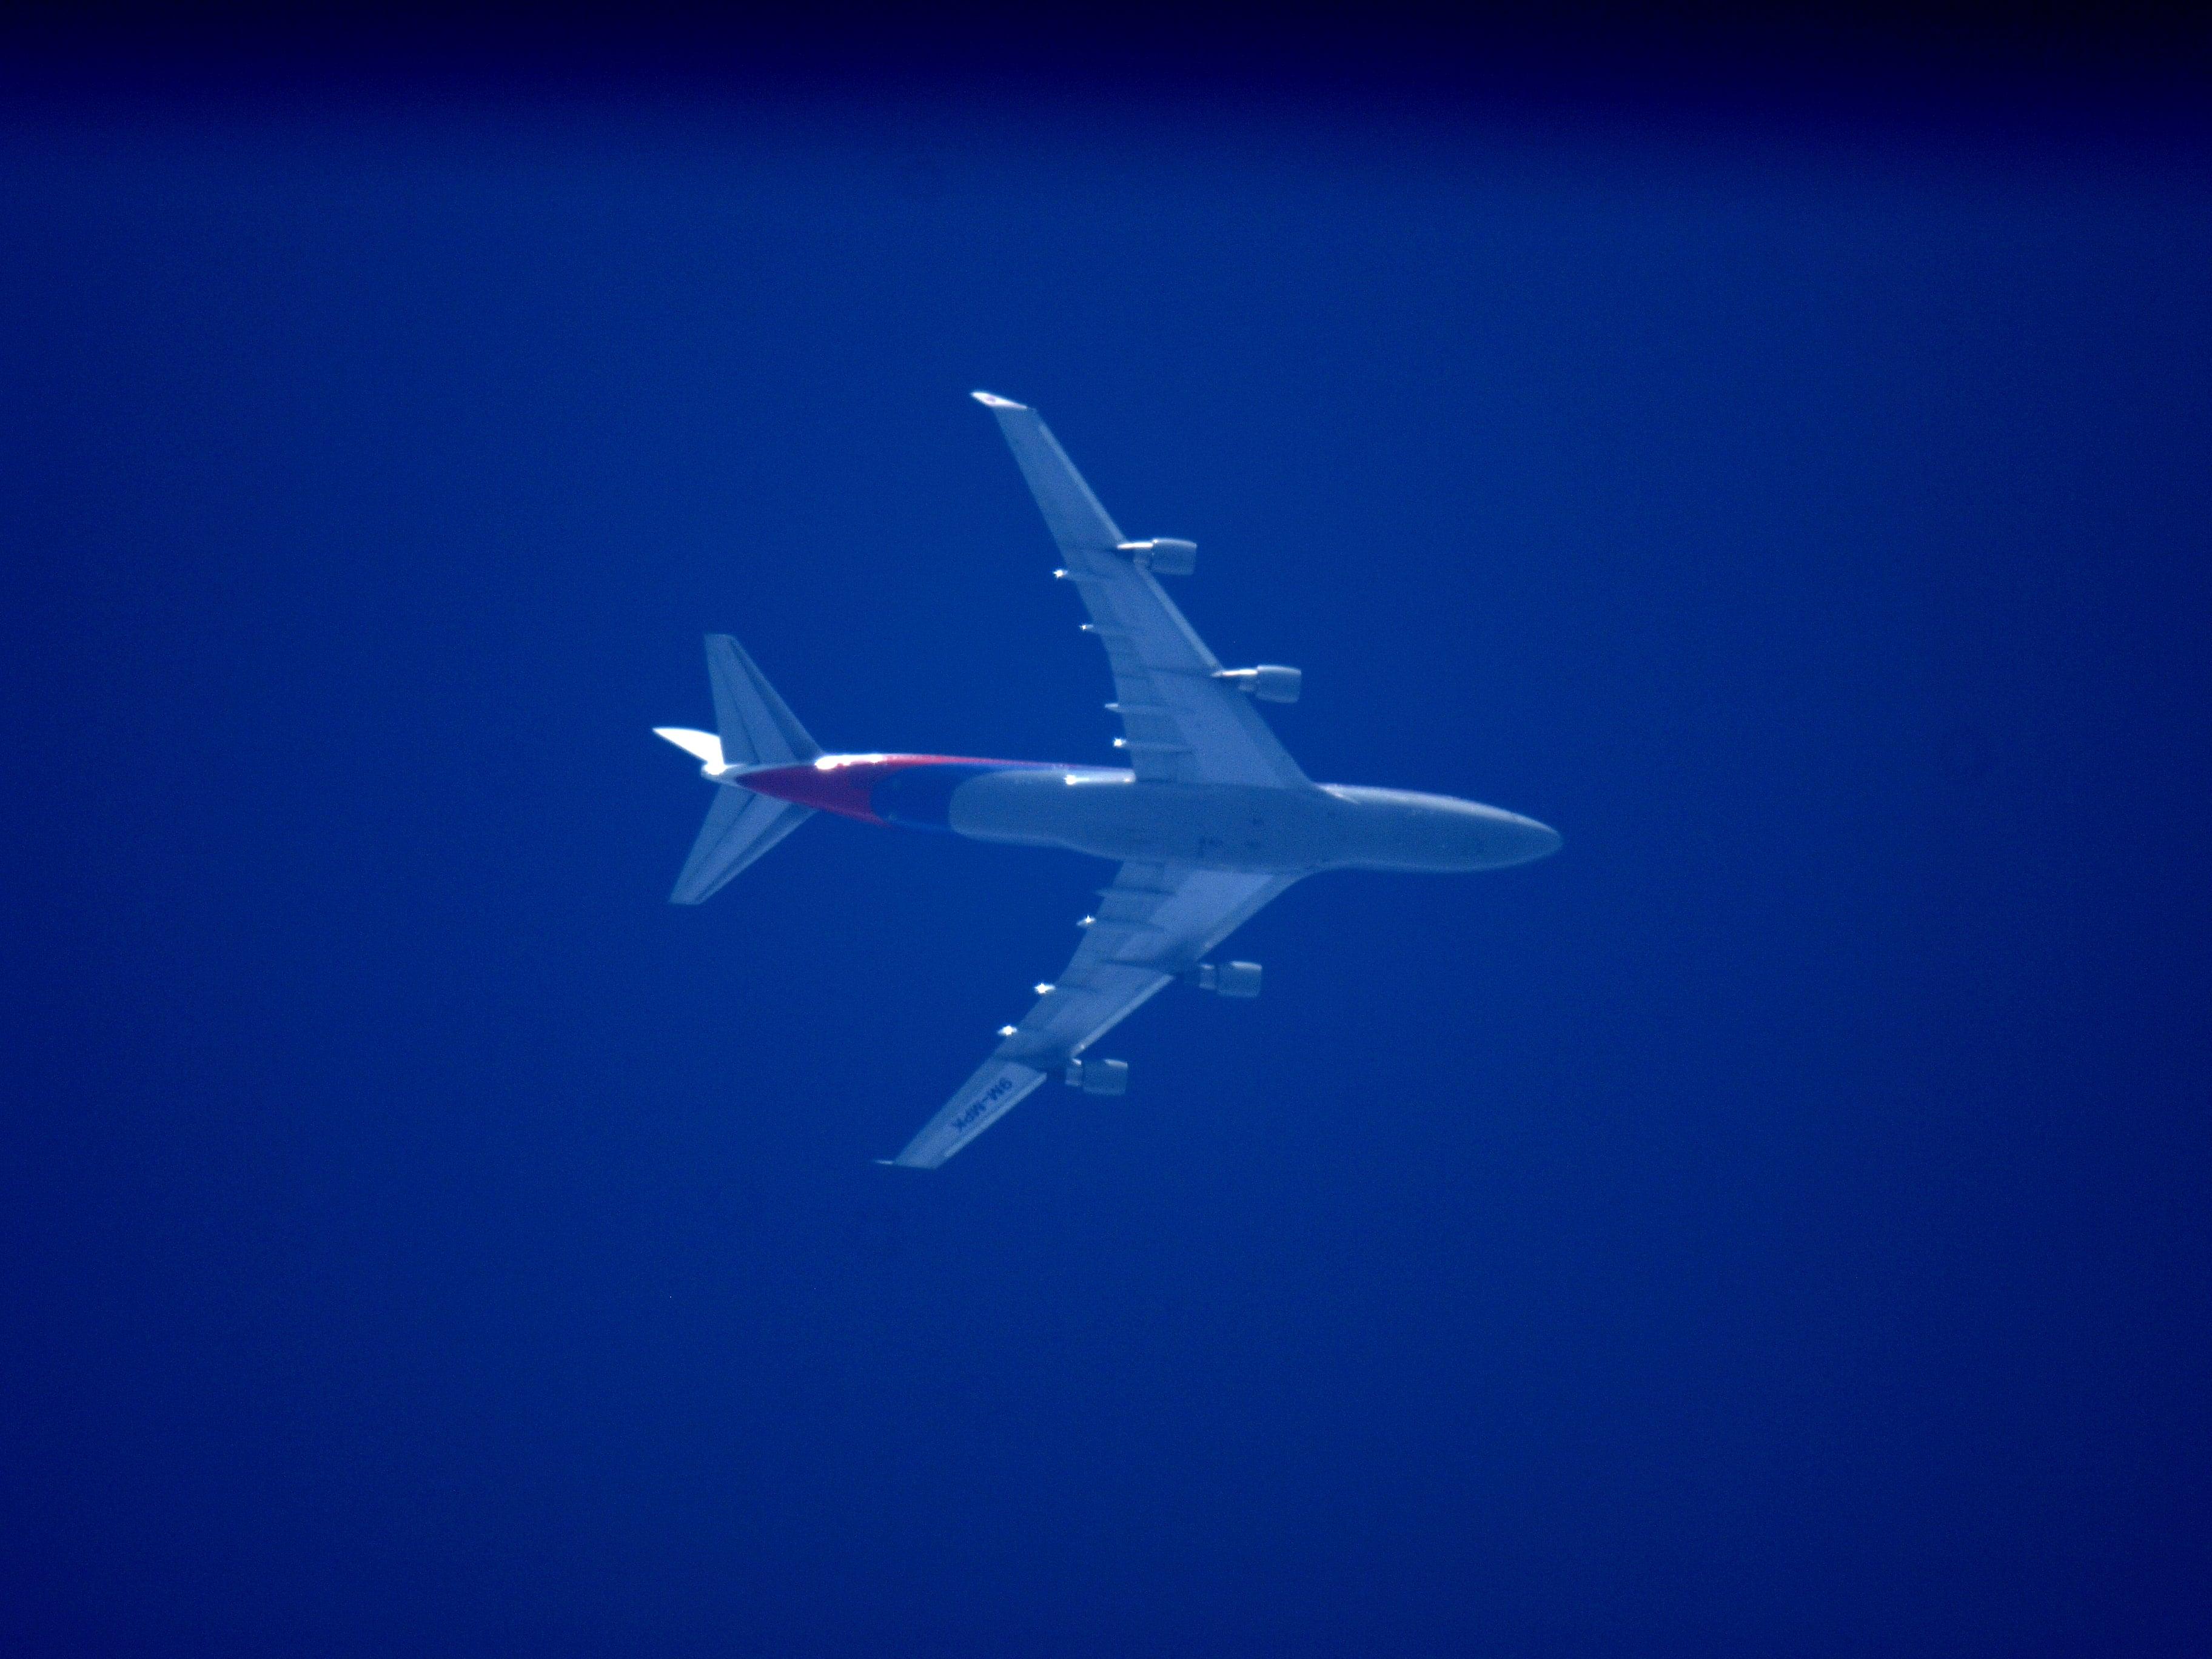 Malasian 747 @ RNAV